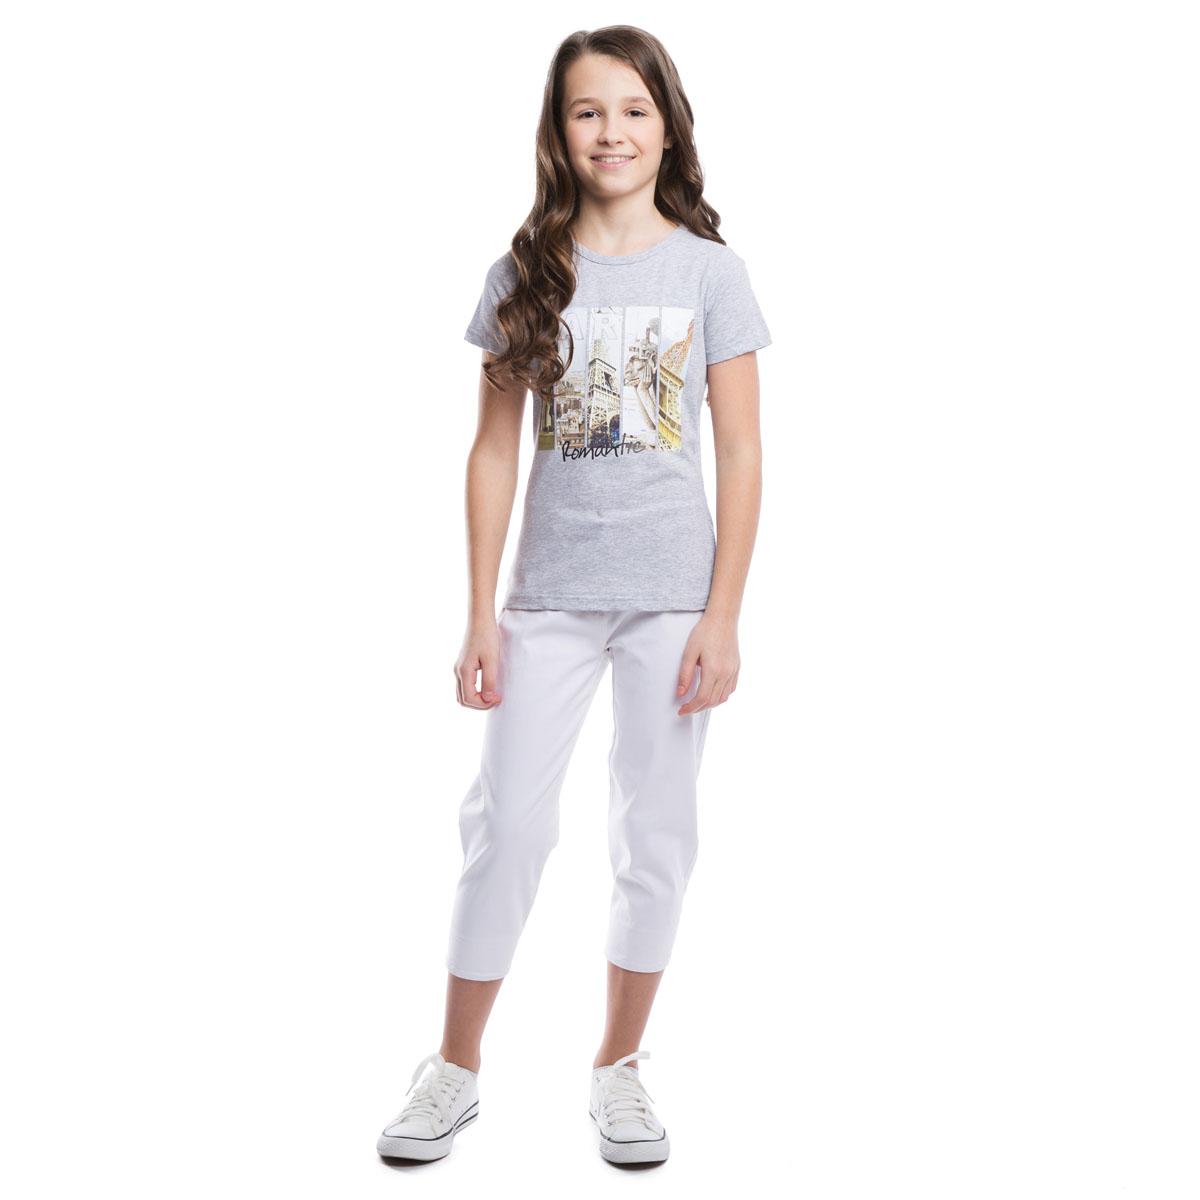 264013Стильная хлопковая футболка цвета серый меланж.Украшена резиновым фотопринтом с видами Парижа.